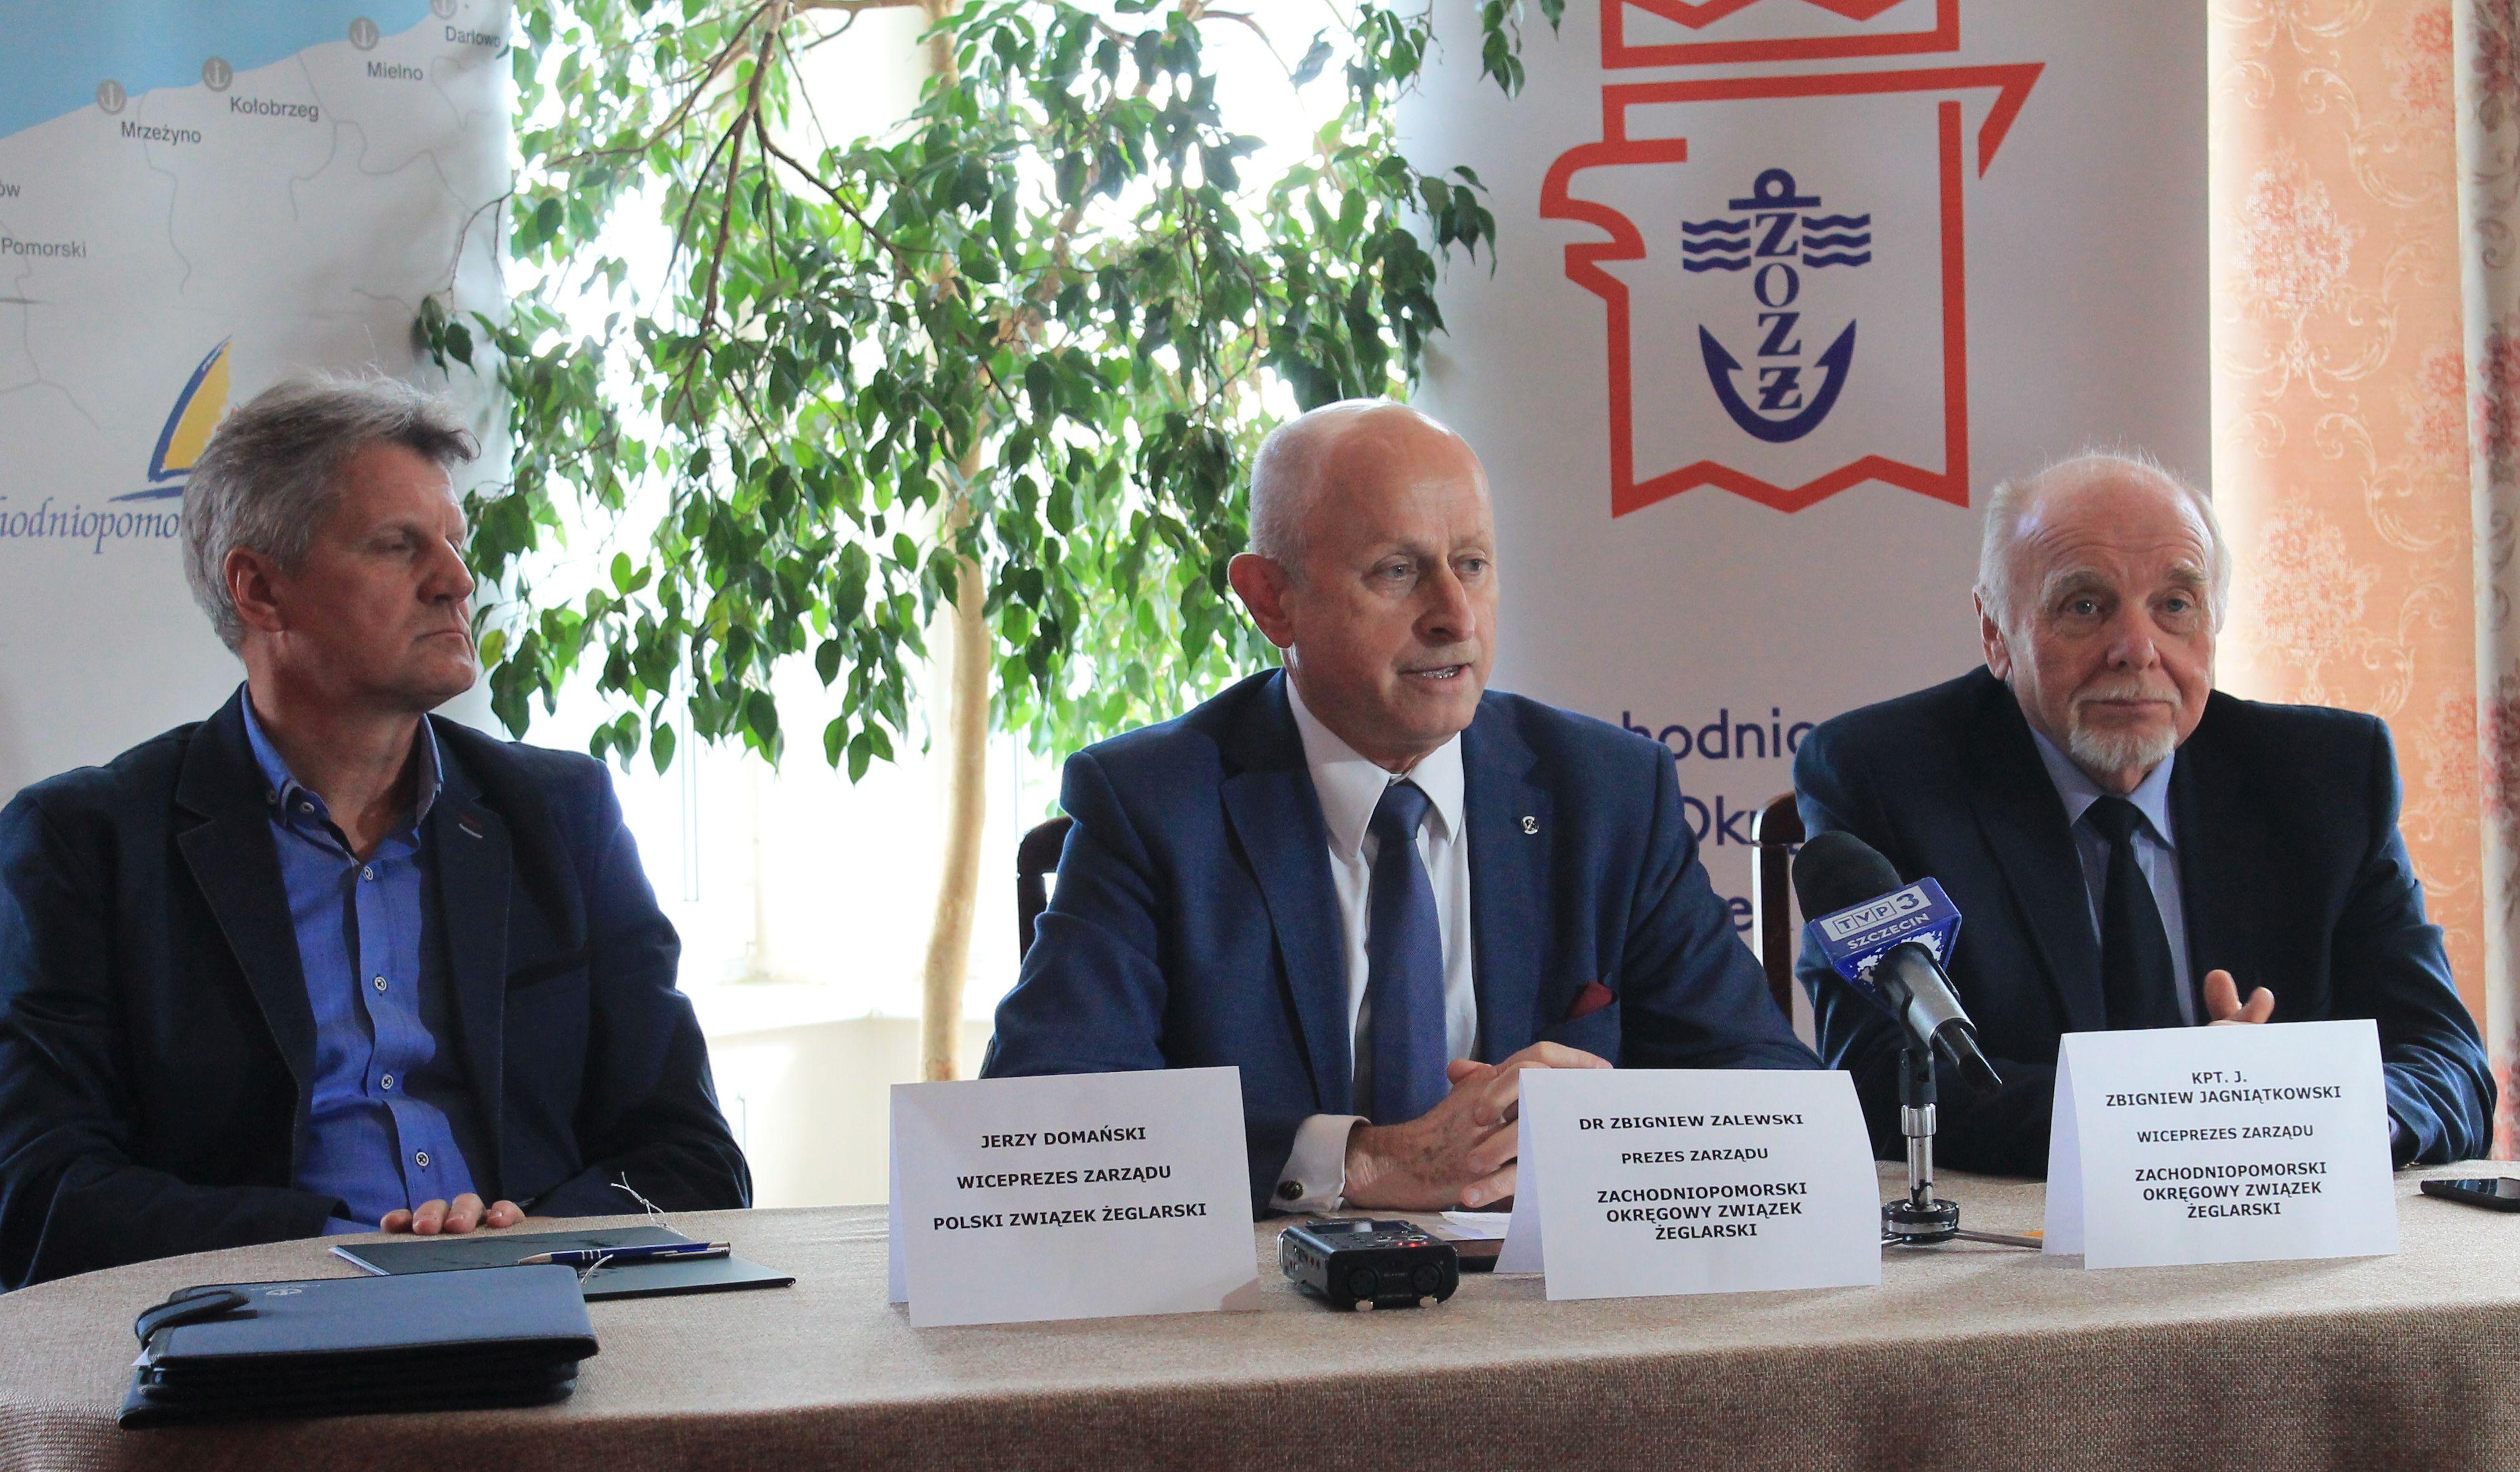 Konferencja prasowa odbyła się we wtorek w Restauracji Jachtowa